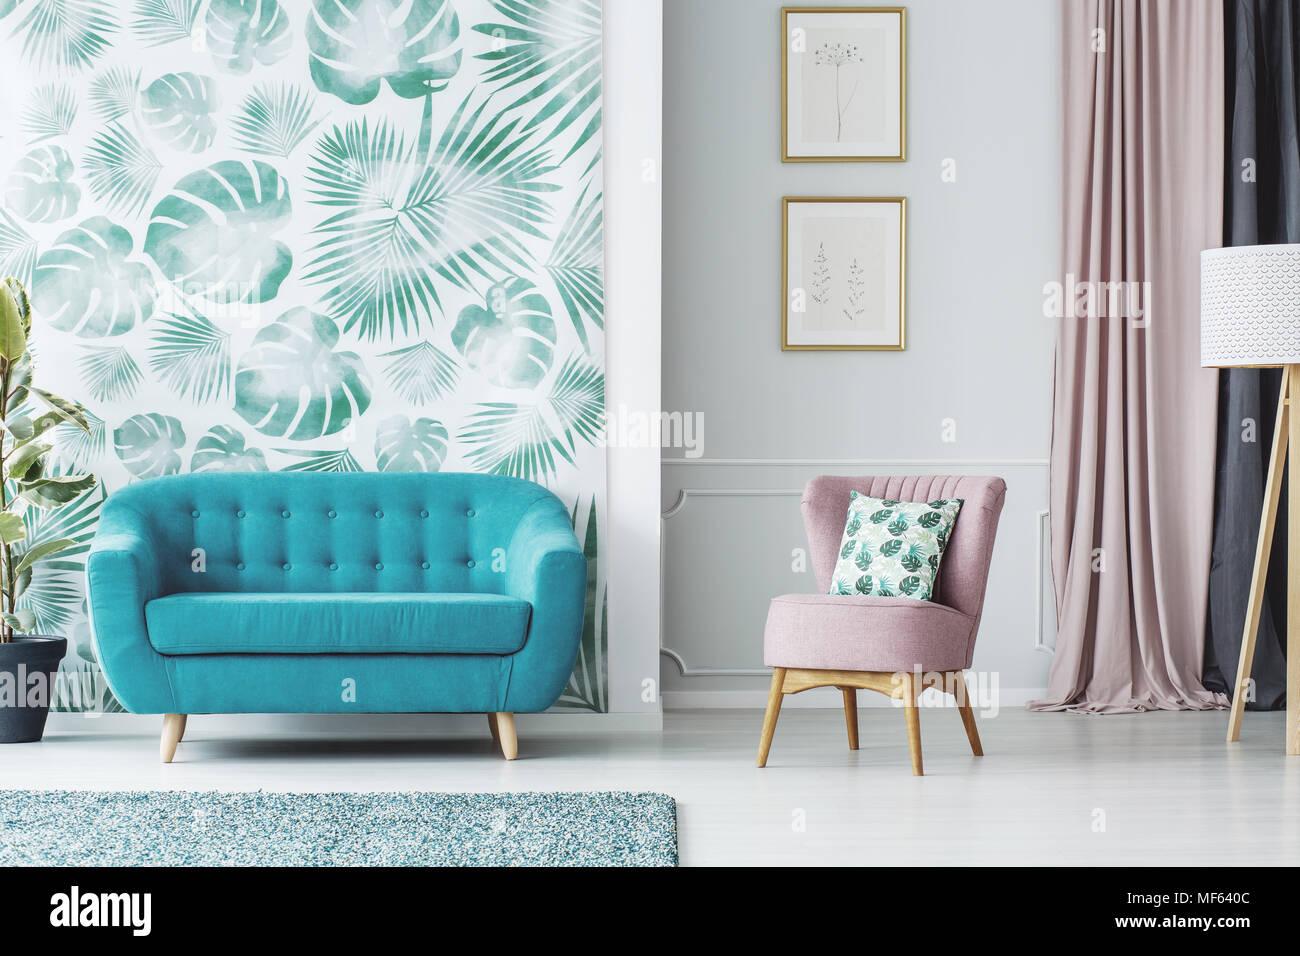 Poltrona rosa accanto al divano blu in salotto interno con poster e carta da parati verde Immagini Stock